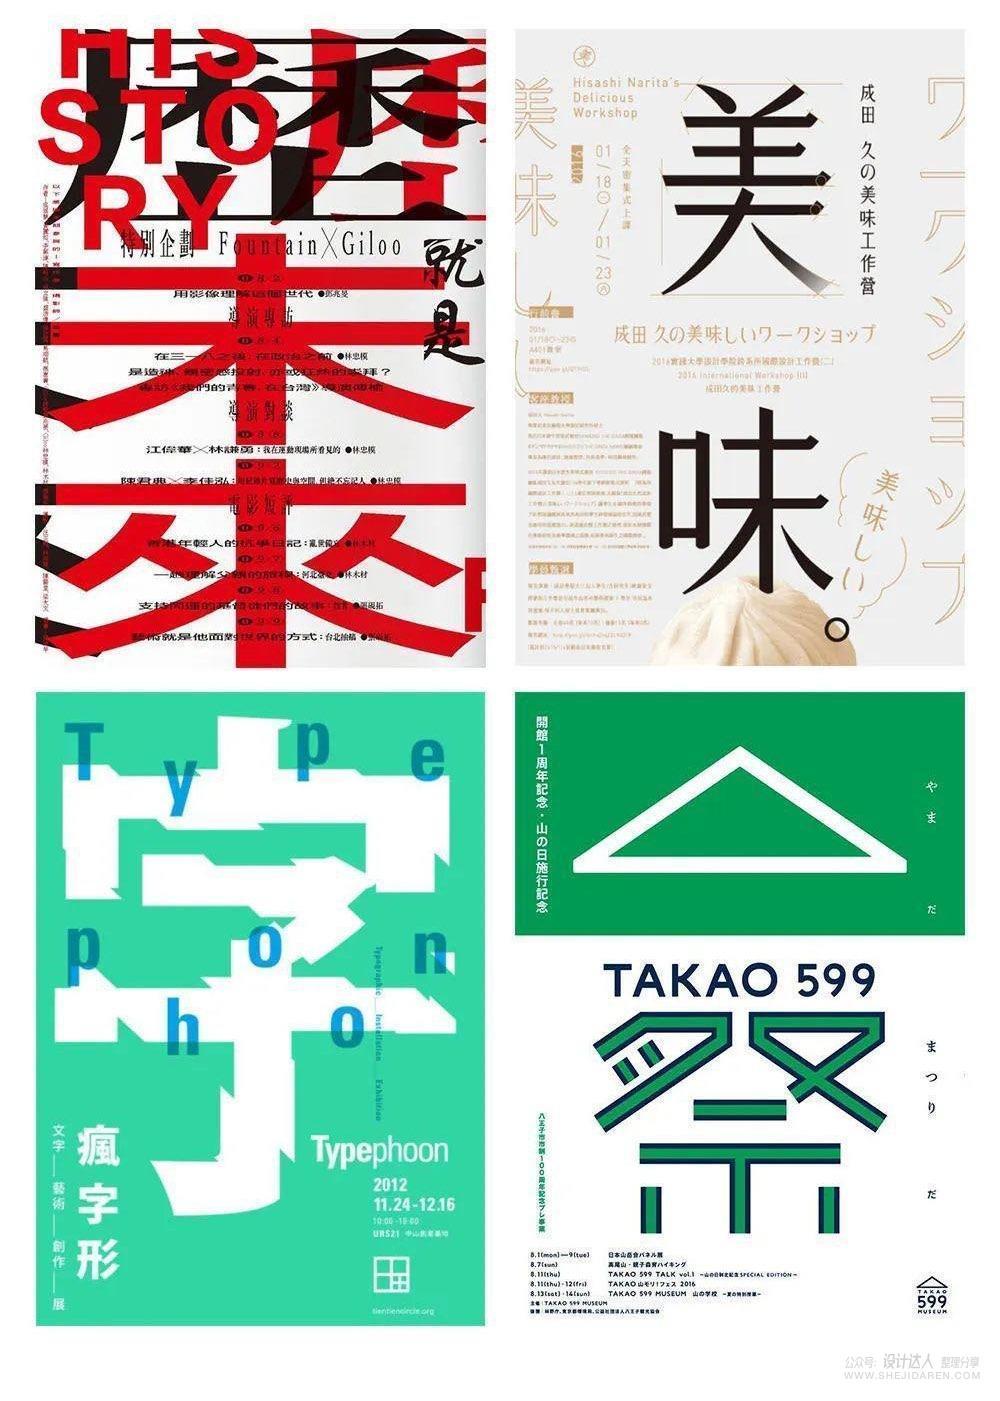 9种设计感不错的文字海报作品